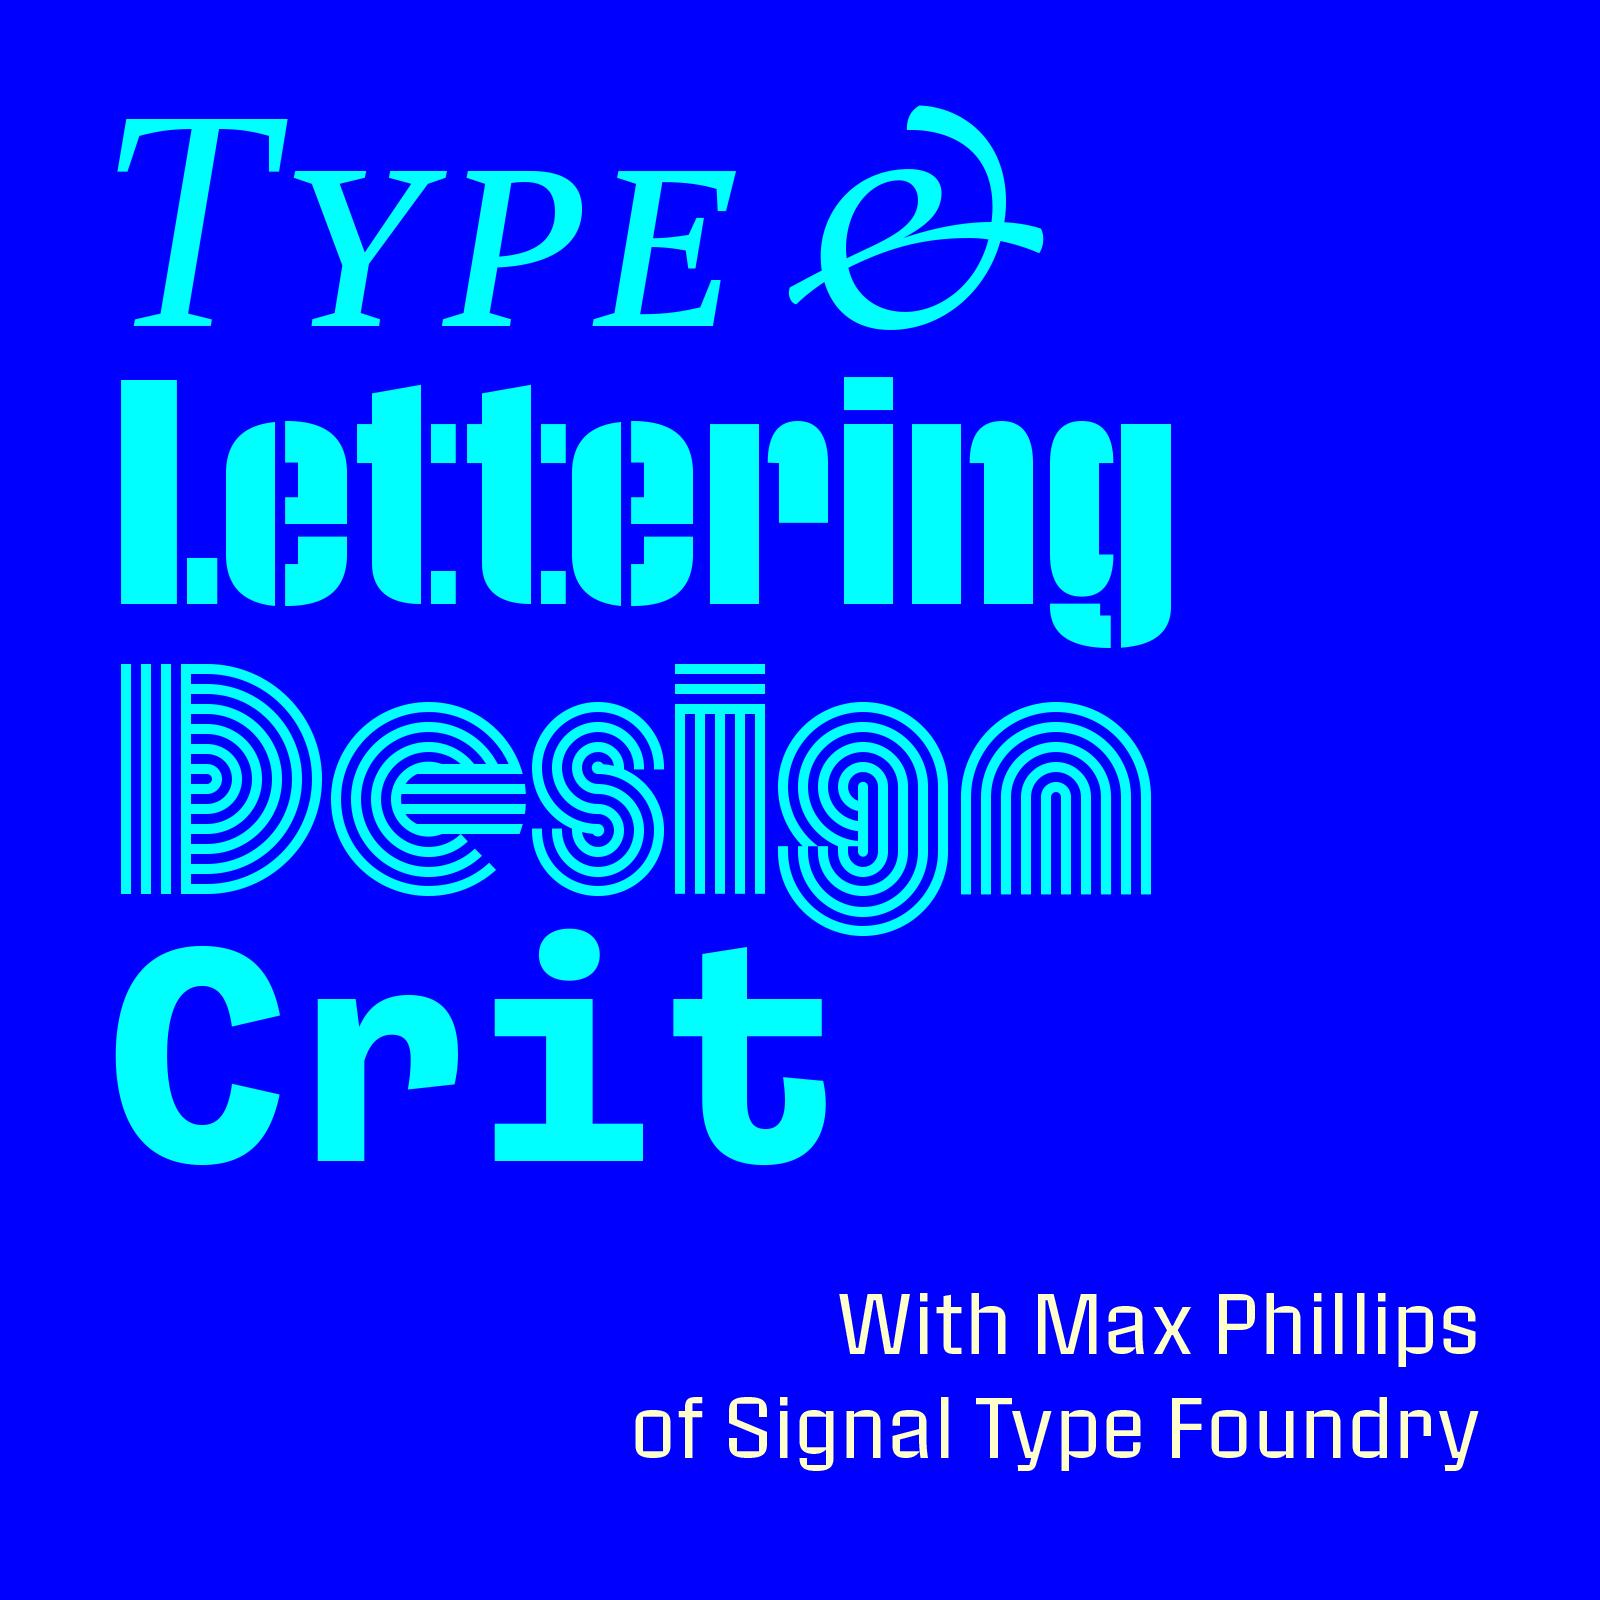 thursday_april_4th_br_typeface_lettering_crit